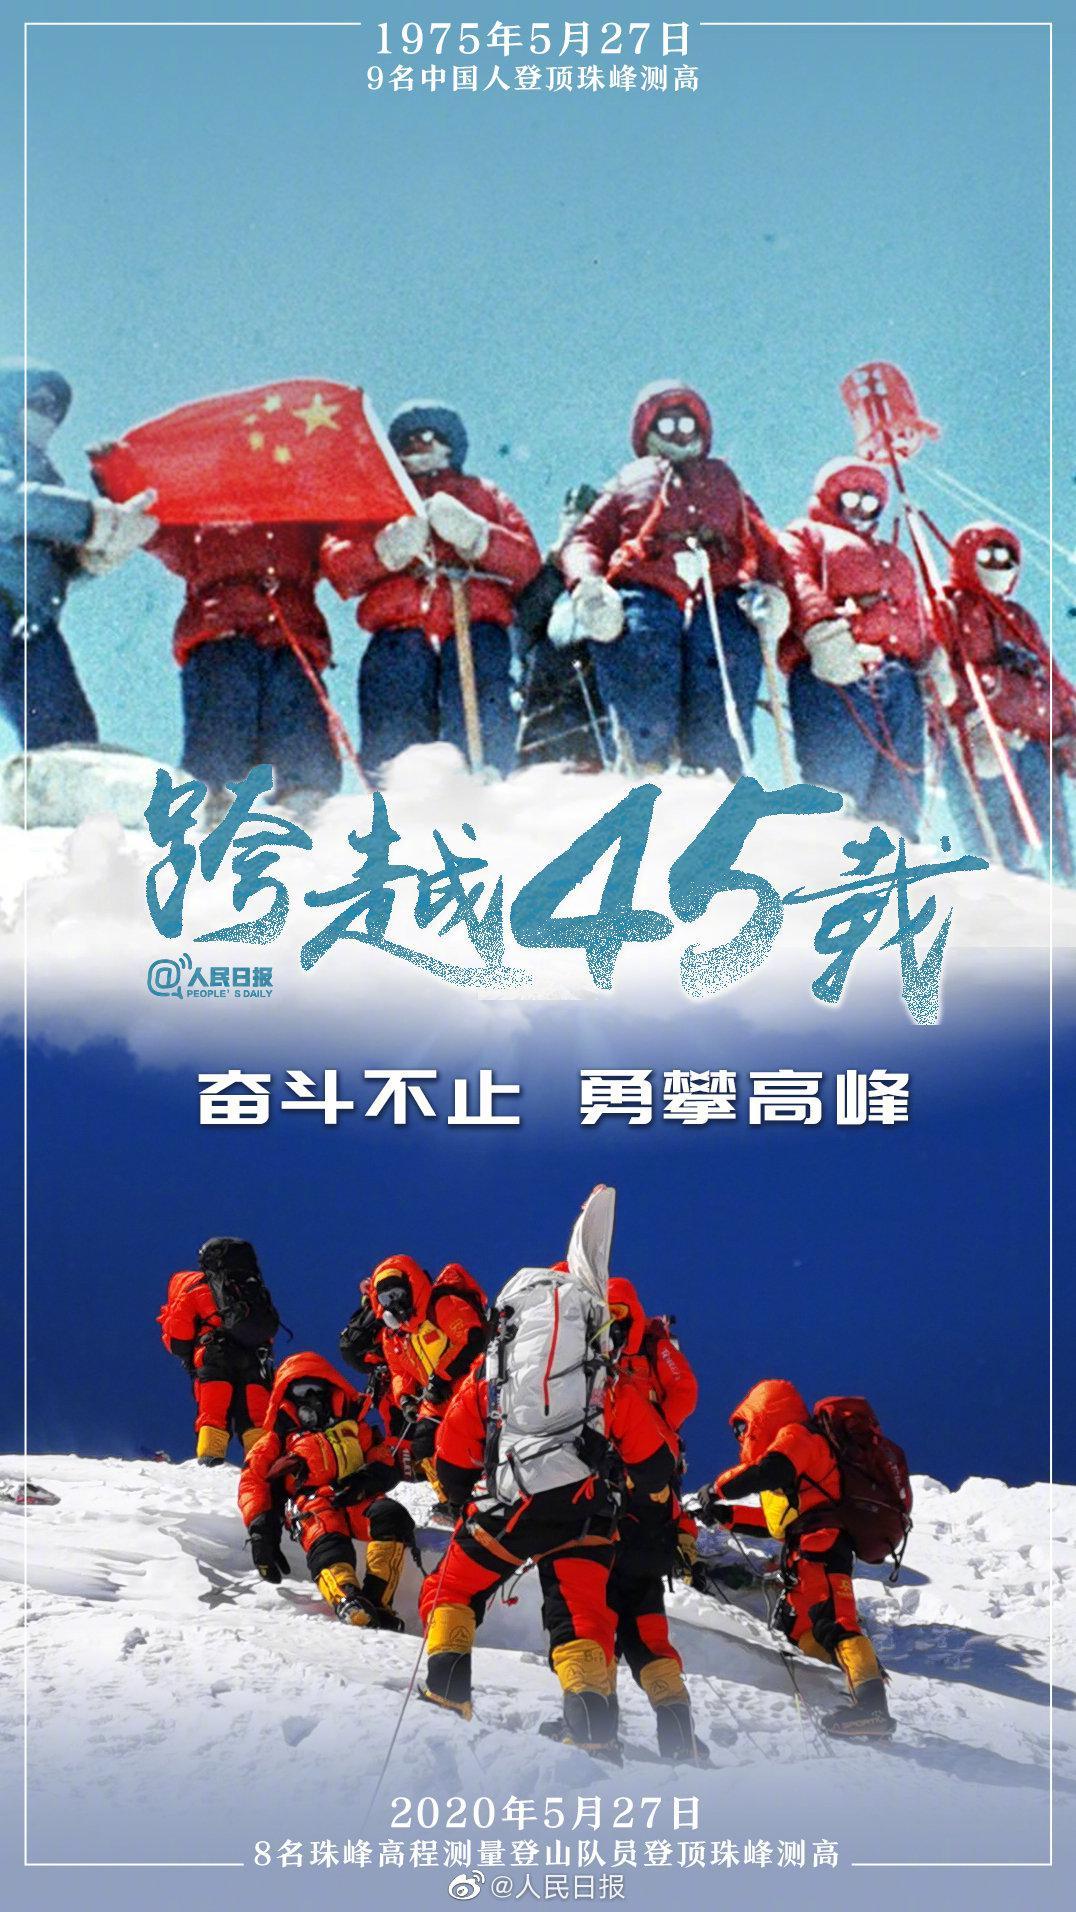 【摩天测速】45年中国人同一天登顶摩天测速珠峰图片